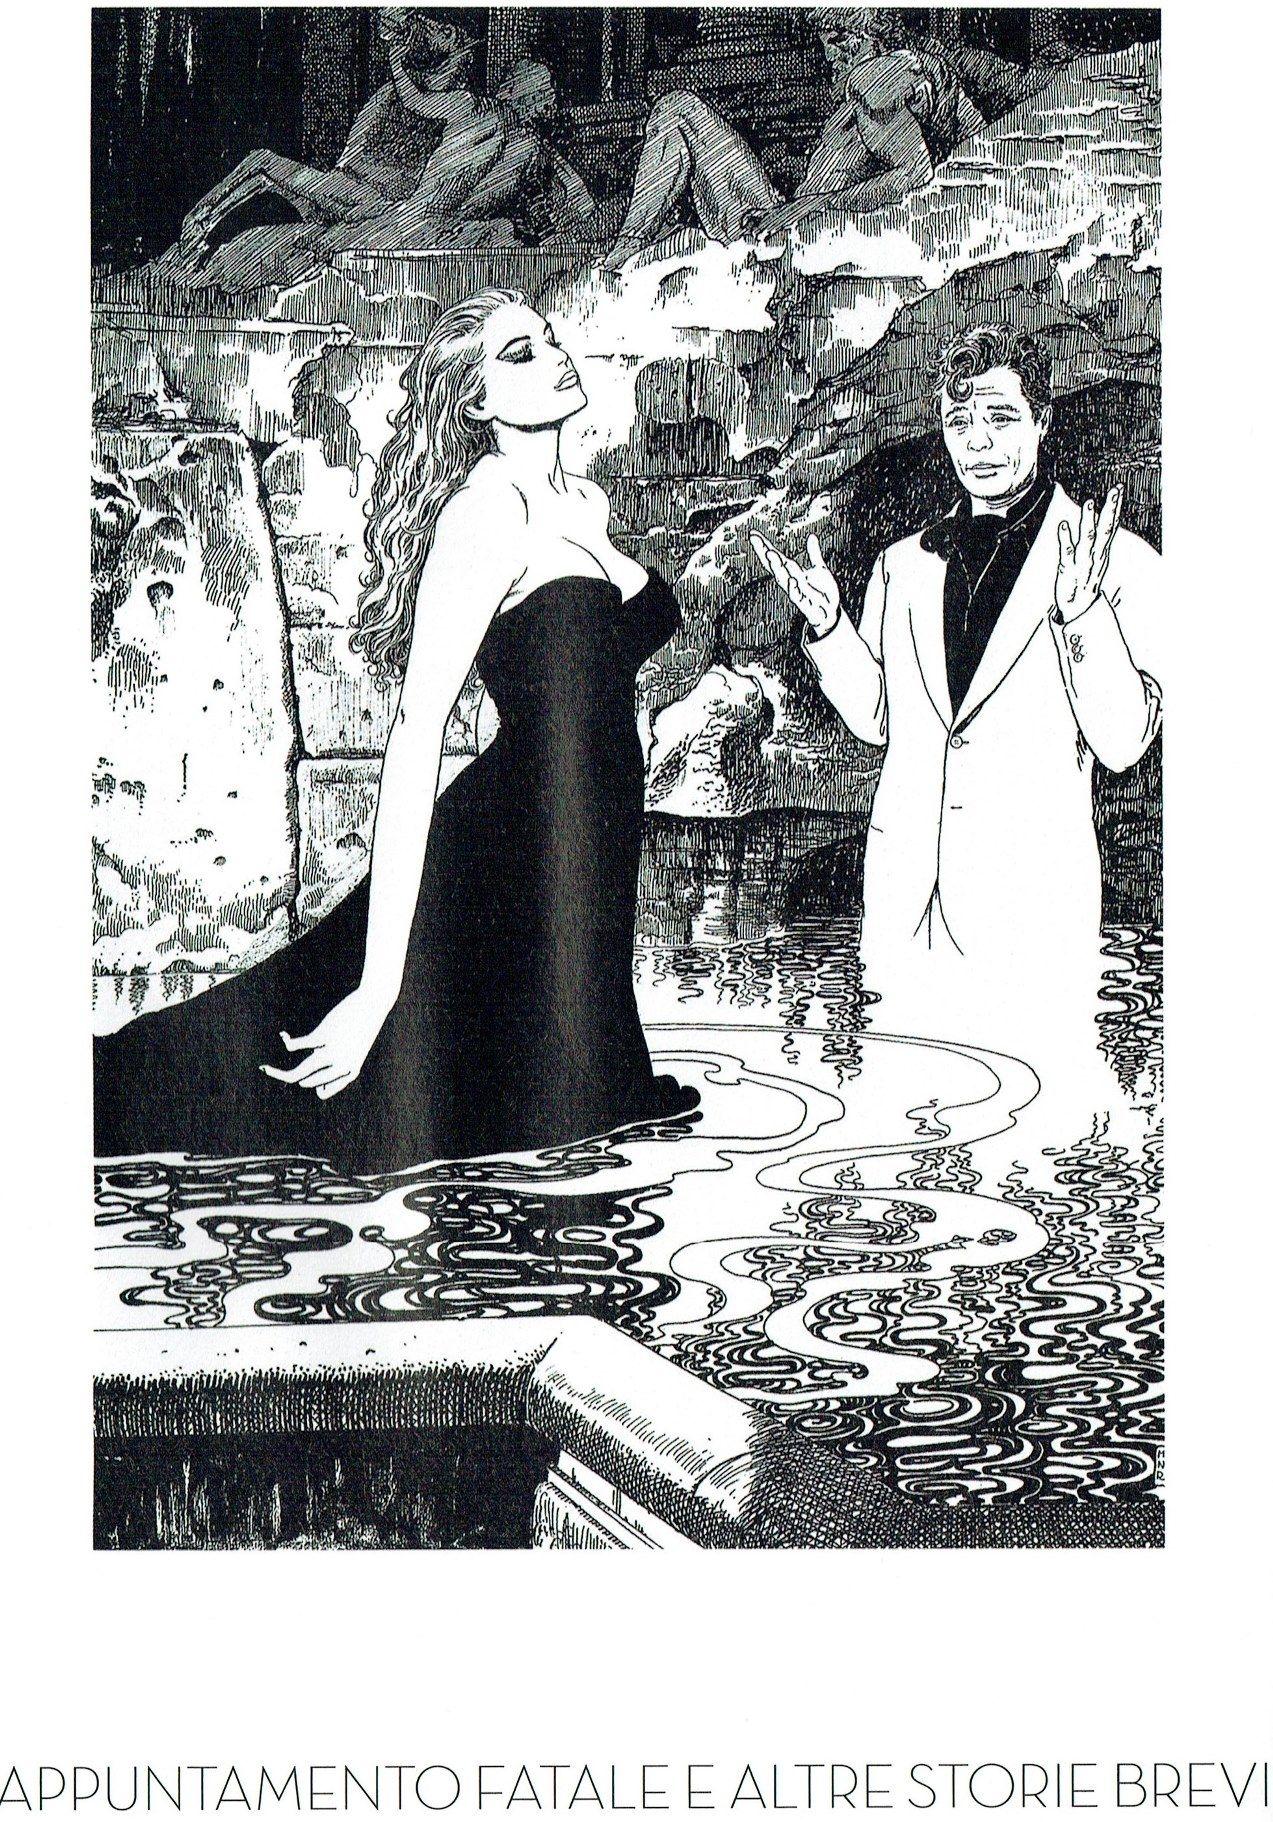 Manara Maestro dell'Eros-Vol. 17, Appuntamento fatale e altre storie brevi-154